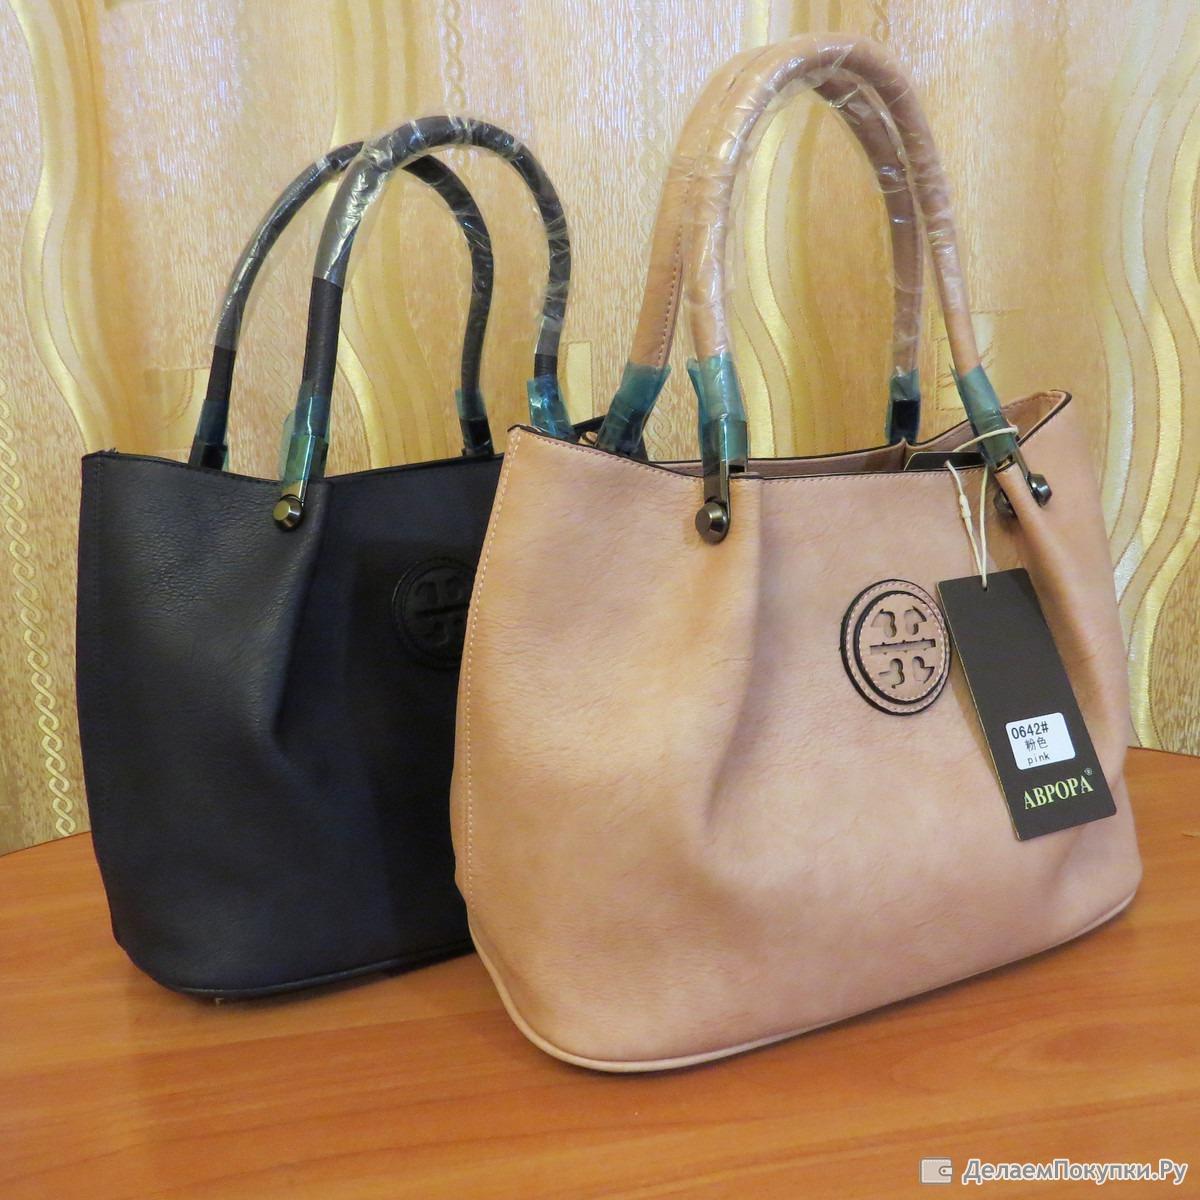 731d269d17ed Шикарные сумочки. Реплики женских сумок известных брендов. В стиле Louis  Vuitton. Сумкины будни